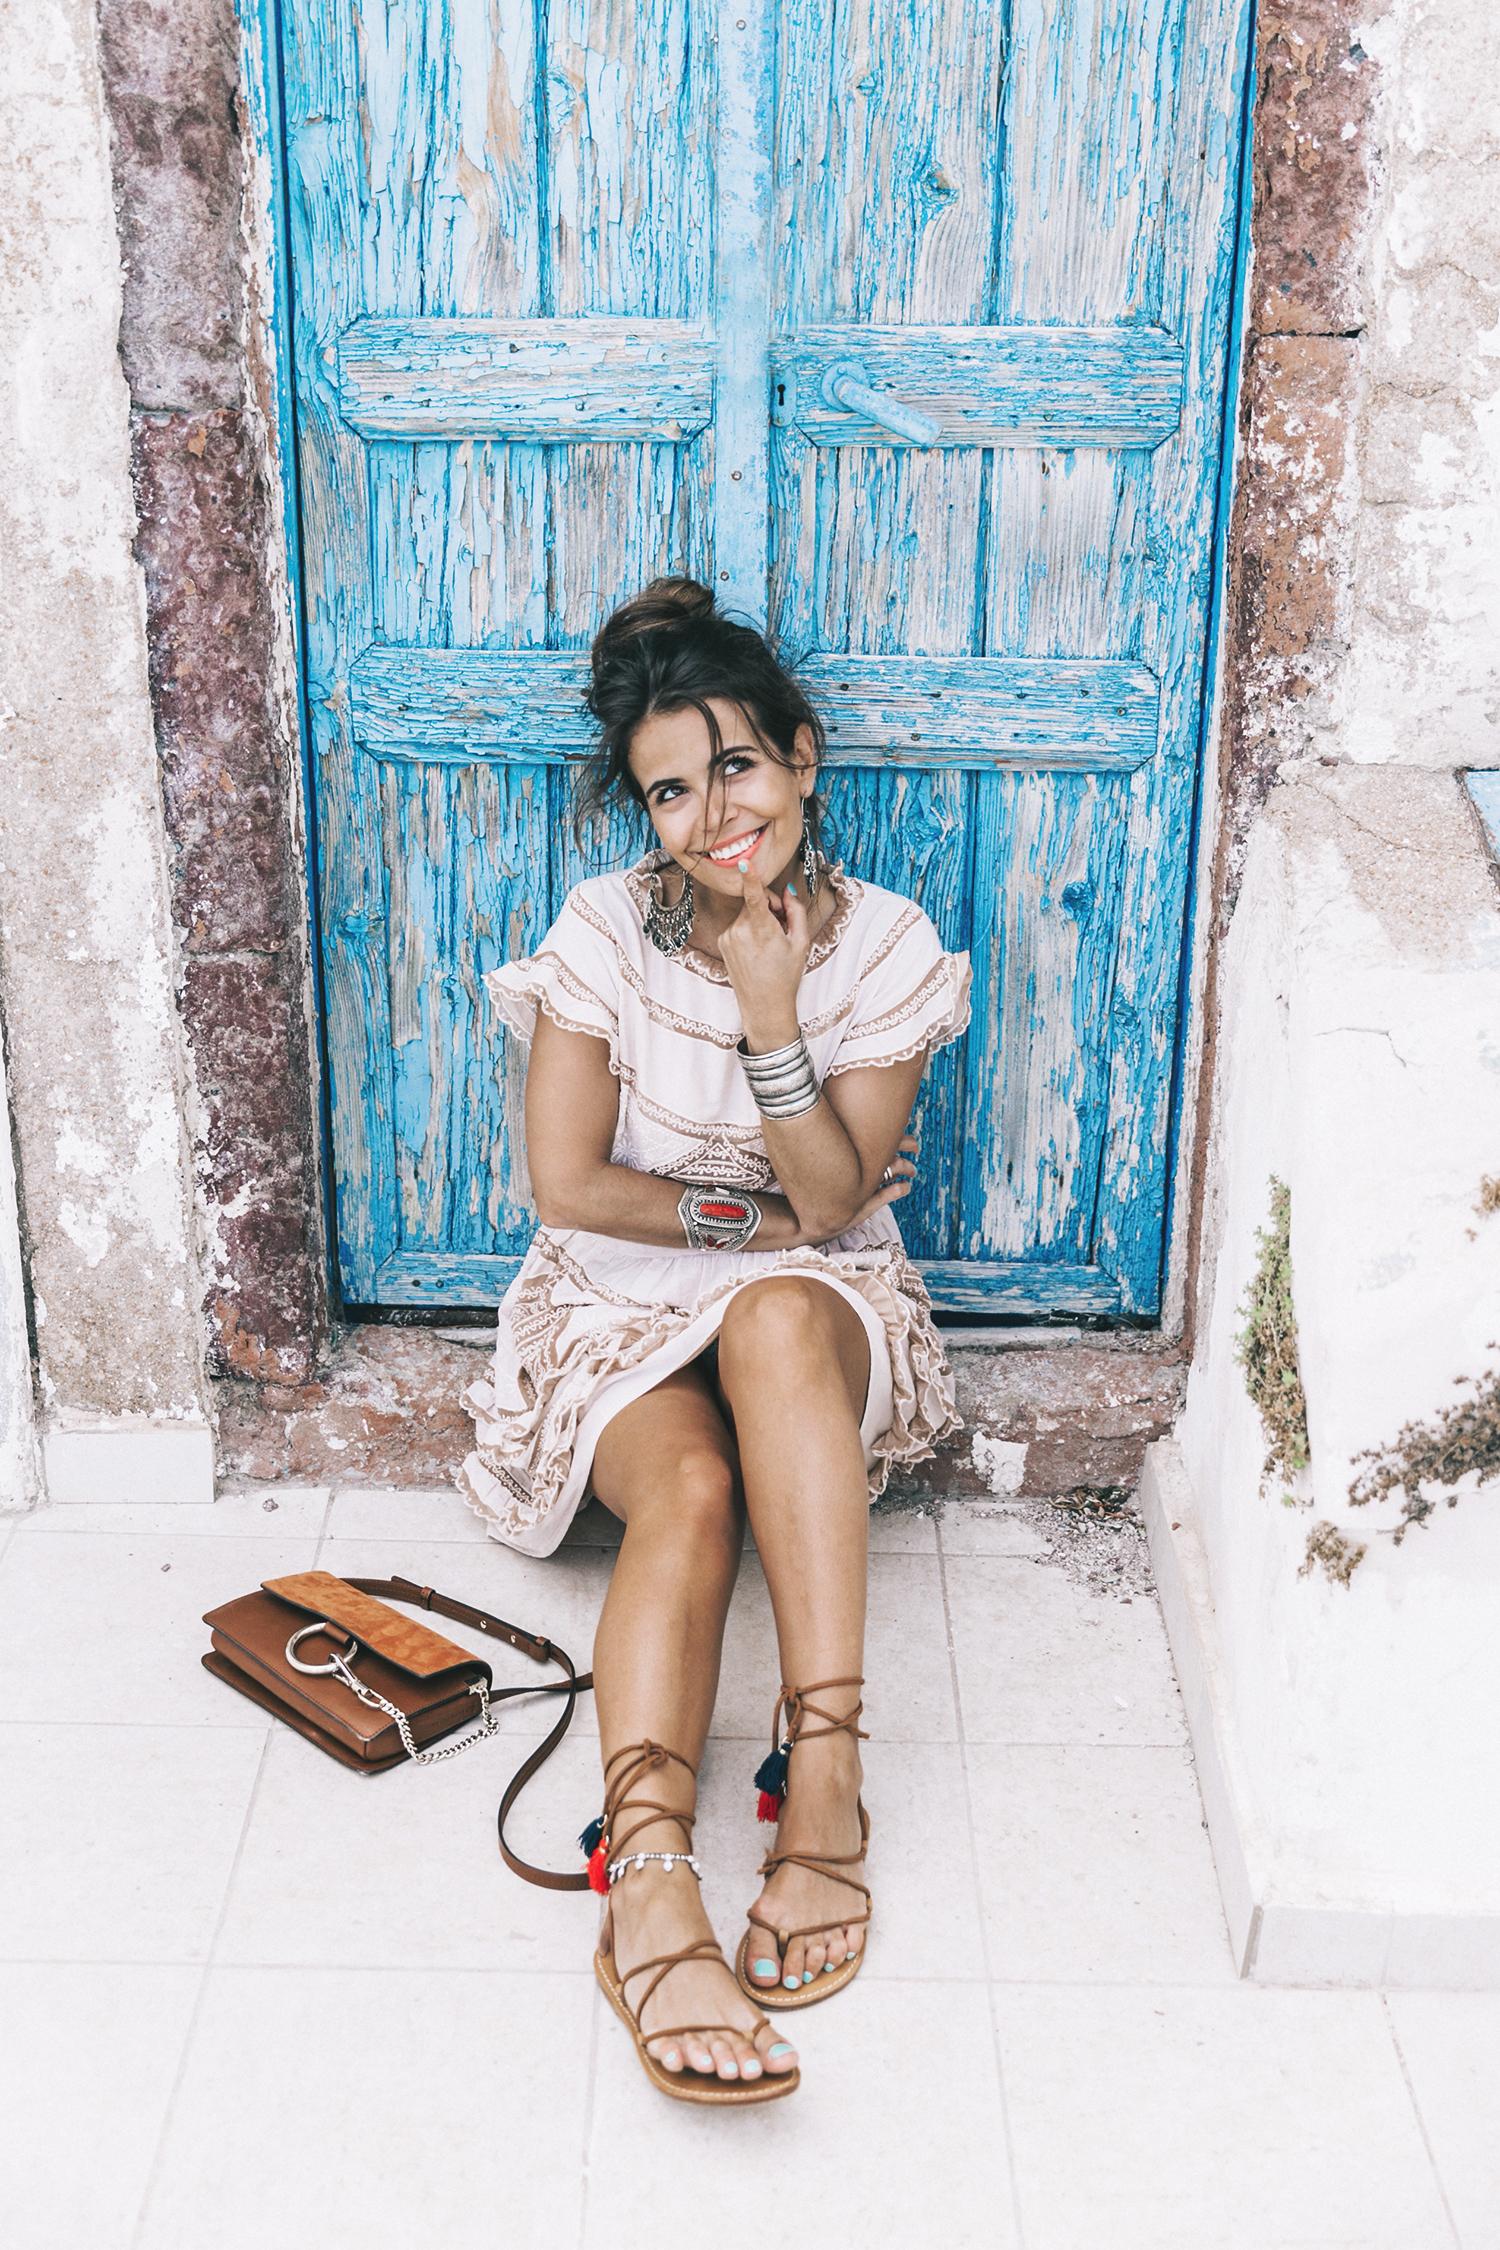 Chloe_Bag-Faye_Bag-For_Love_And_Lemons-Dress-Topknot-Soludos_Escapes-Soludos_Espadrilles-Summer-Santorini-Collage_Vintage-86